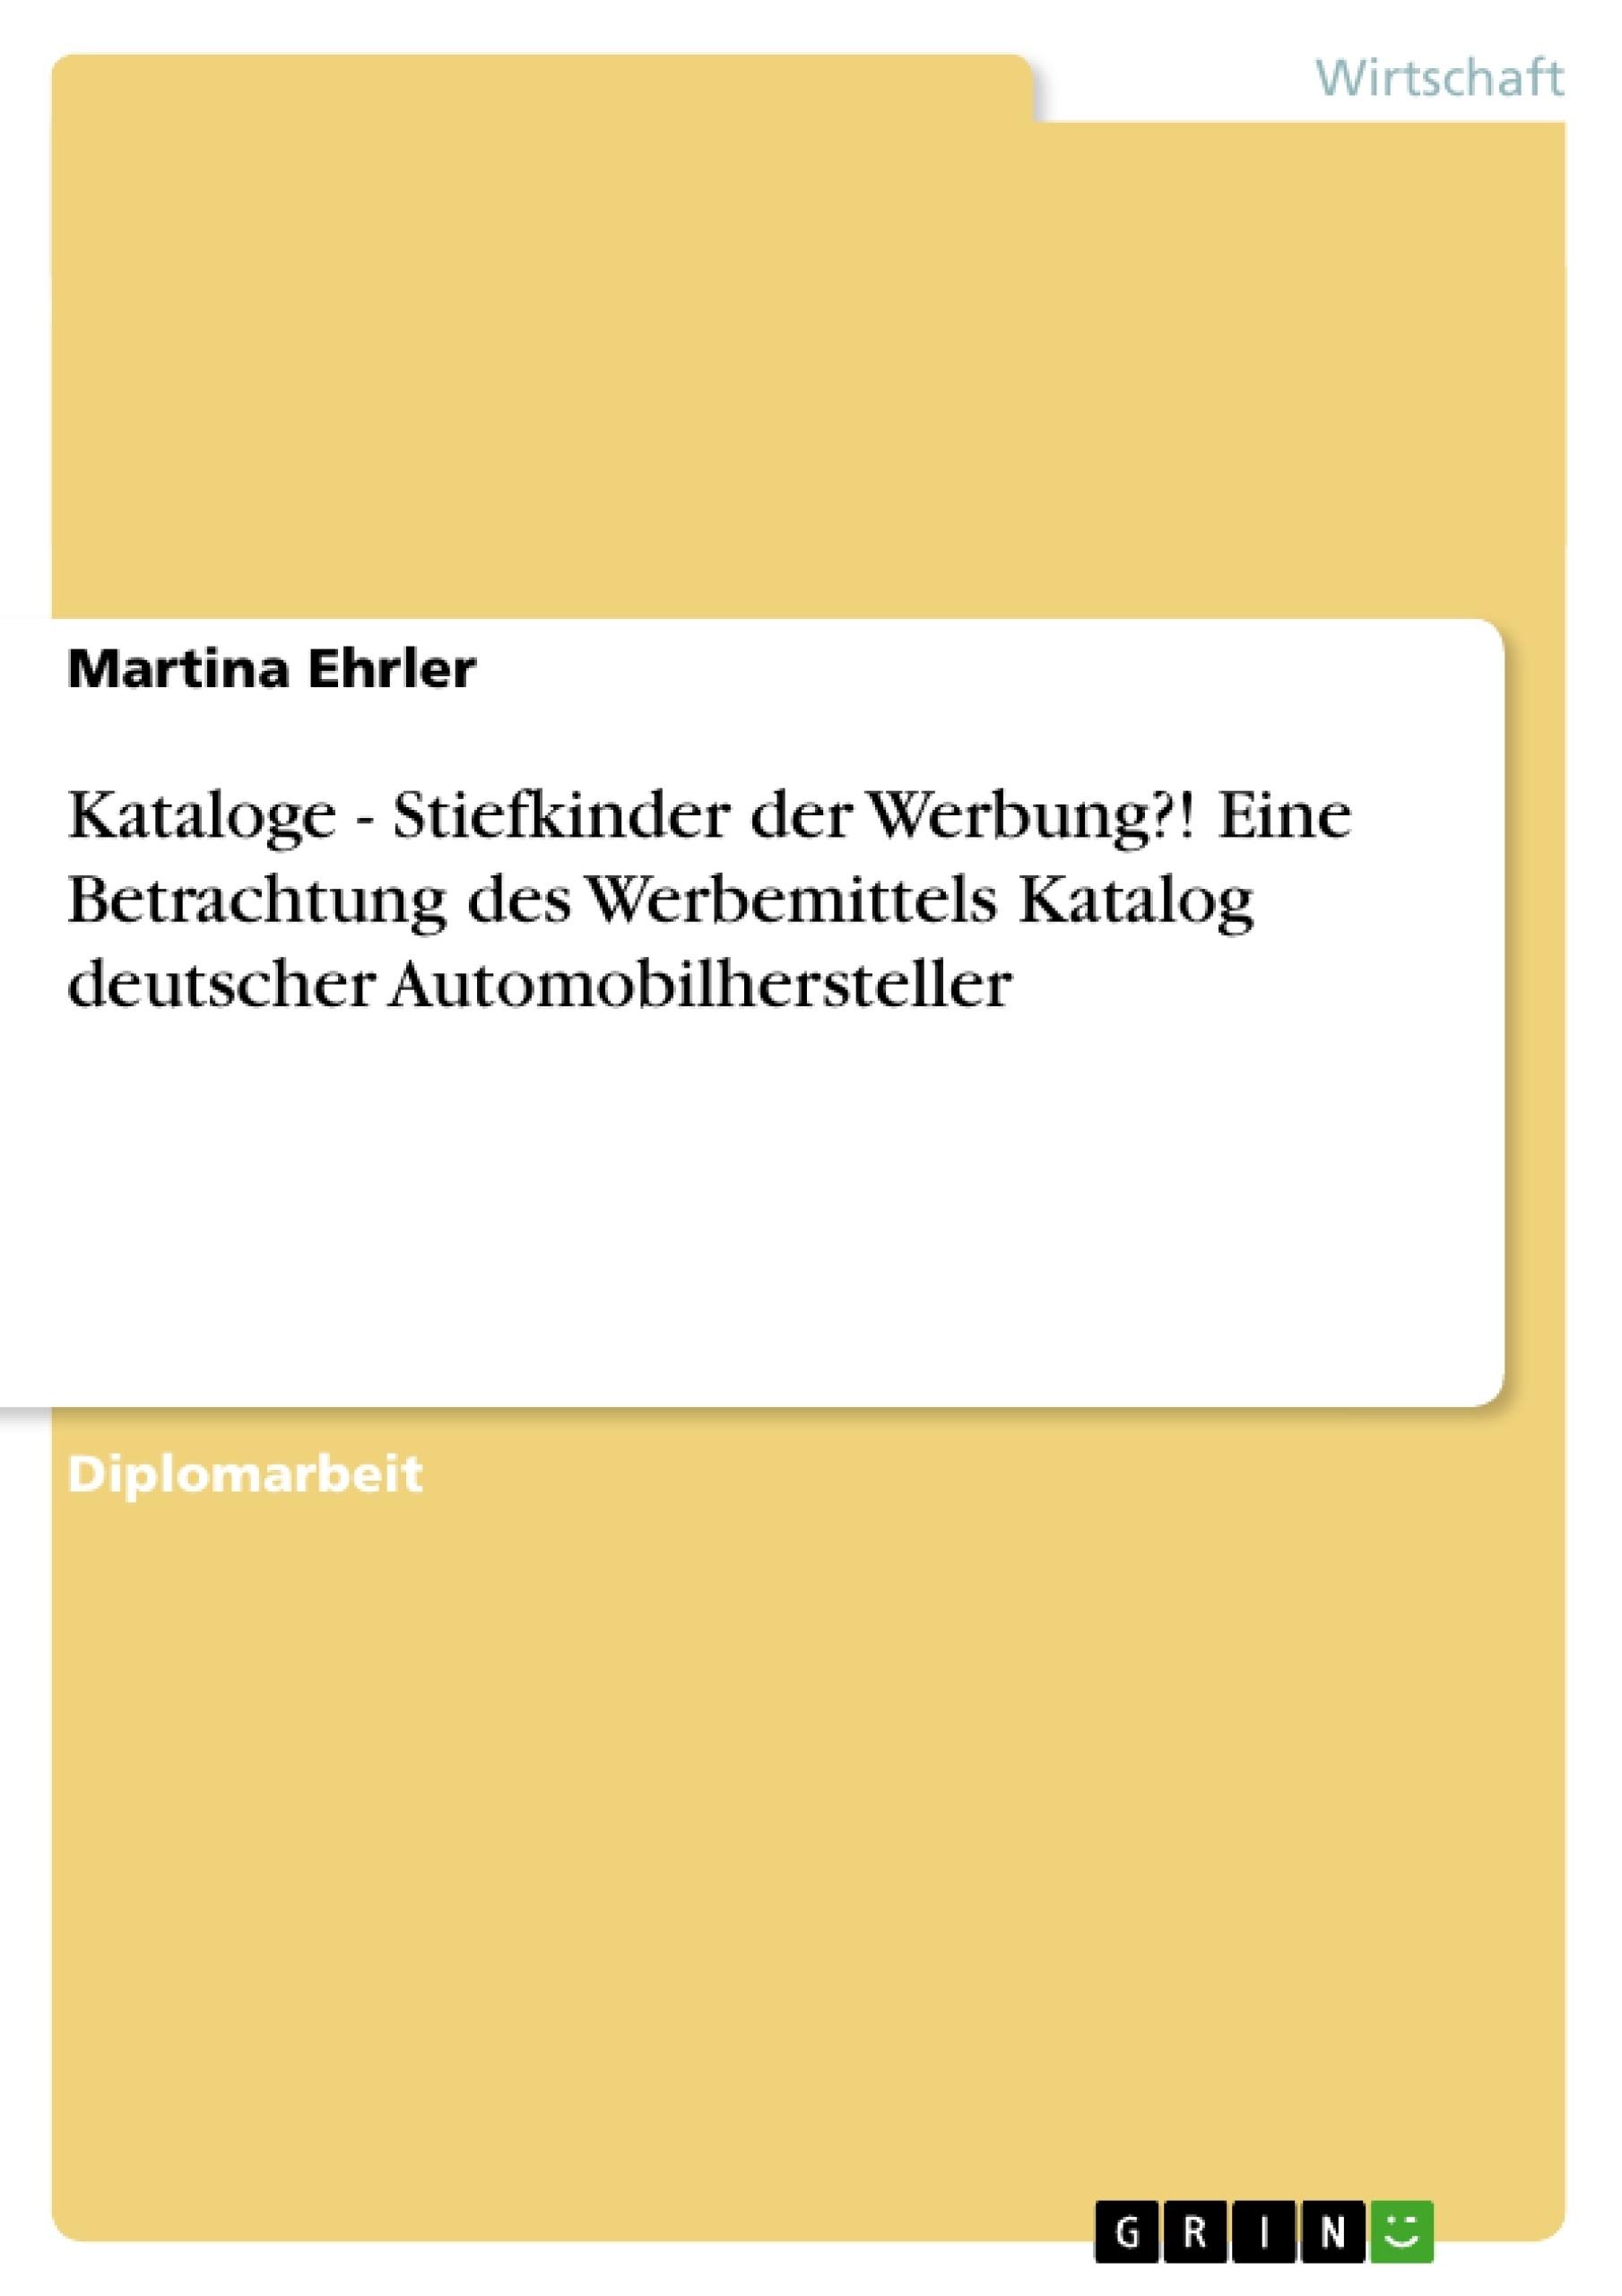 Titel: Kataloge - Stiefkinder der Werbung?! Eine Betrachtung des Werbemittels Katalog deutscher Automobilhersteller